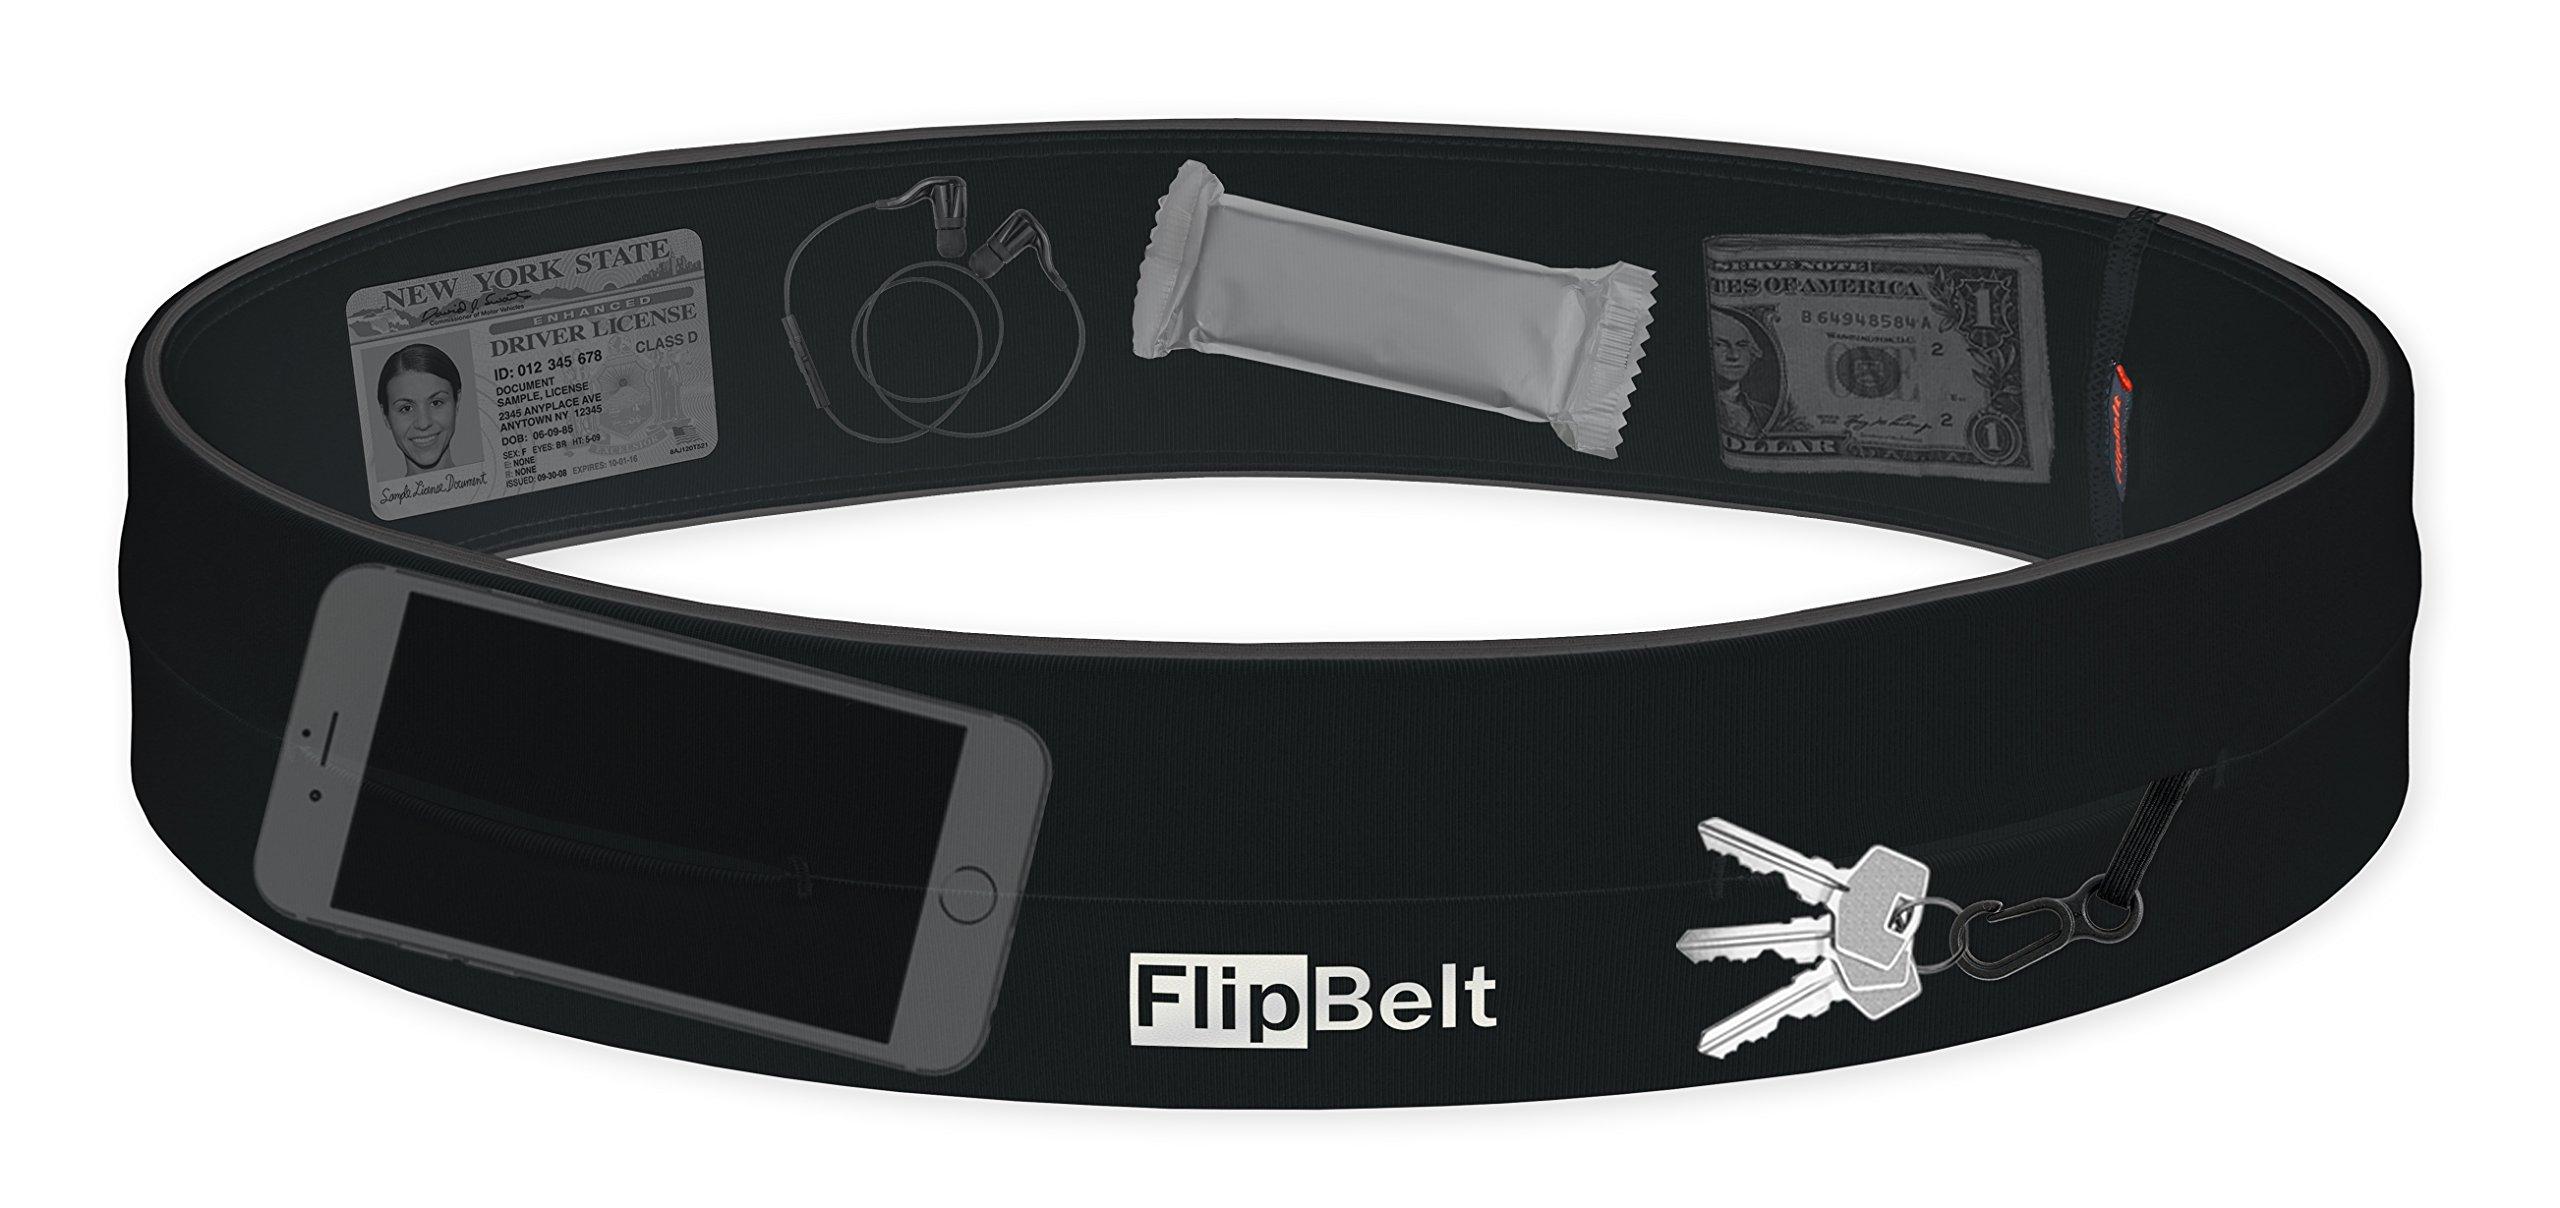 FlipBelt Level Terrain Waist Pouch, Black, X-Small/22-25 by FlipBelt (Image #2)